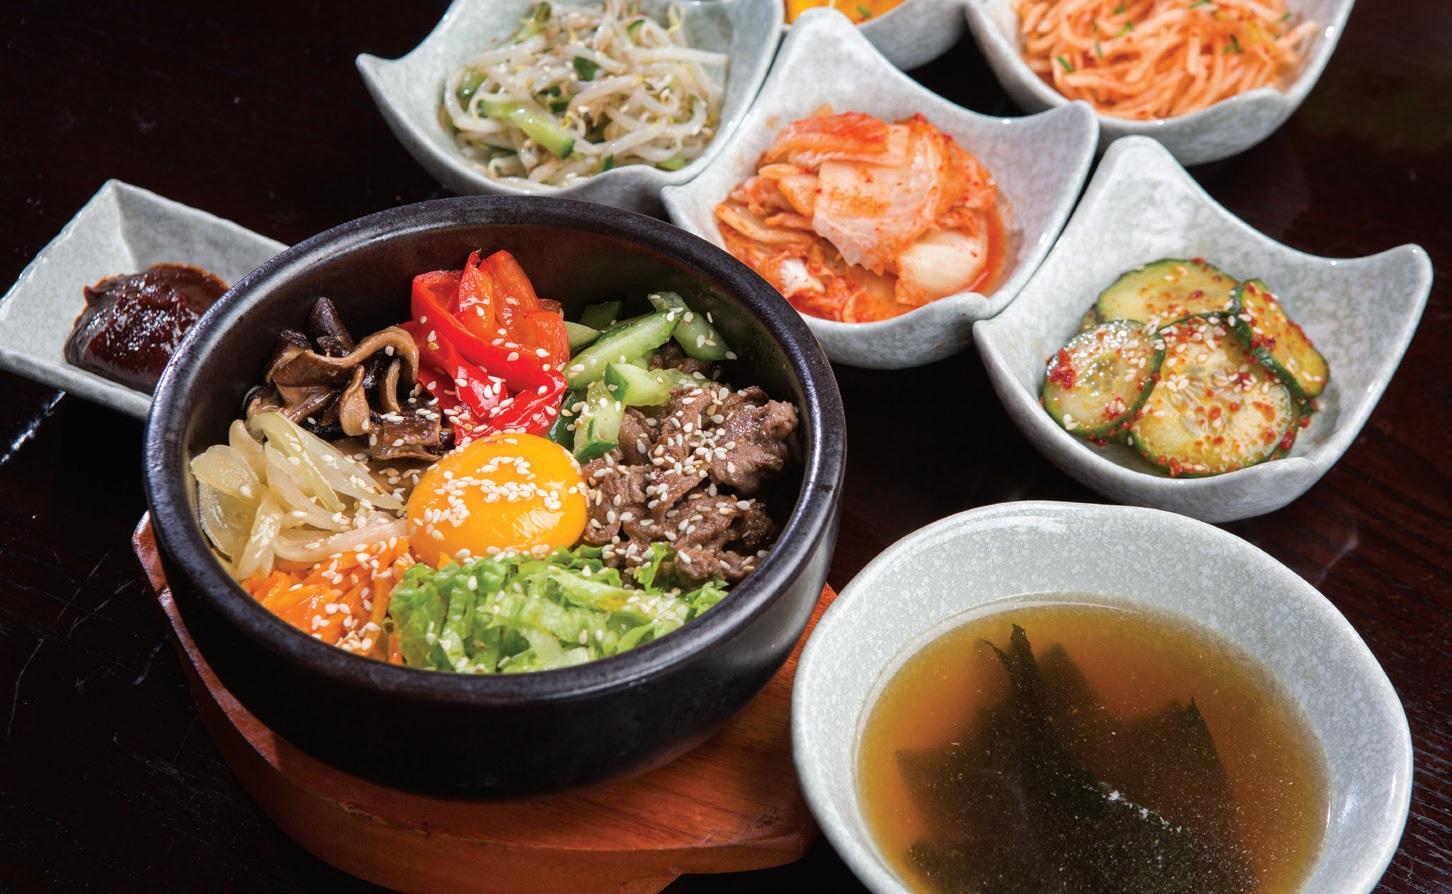 """Korėjietiškas maistas ne tik gardus, bet ir spalvingas, o porcijos restorane – išties didelės. Prie pagrindinio patiekalo taip pat patiekiama užkandžių, dubenėlis sriubos bei ryžių. """"Fotoprojektai"""" nuotr."""